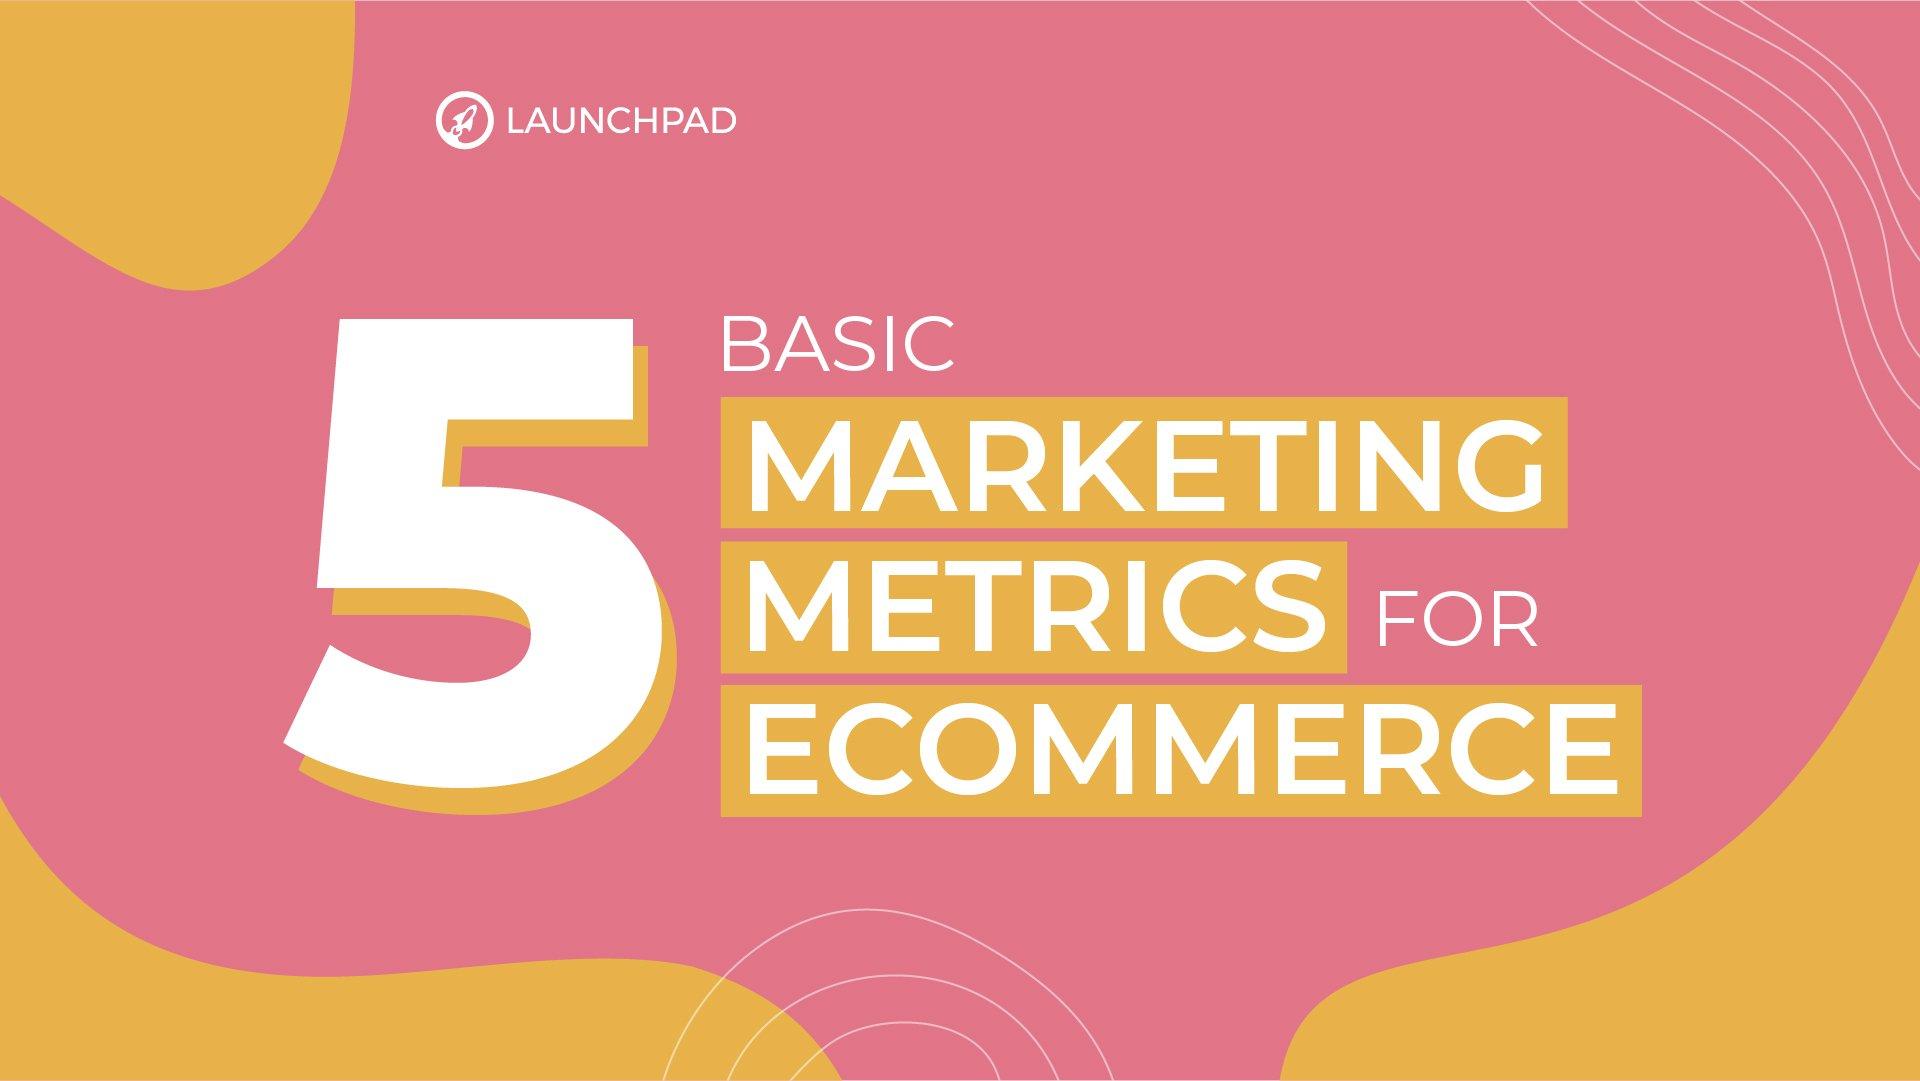 The 5 basic marketing metrics for ecommerce